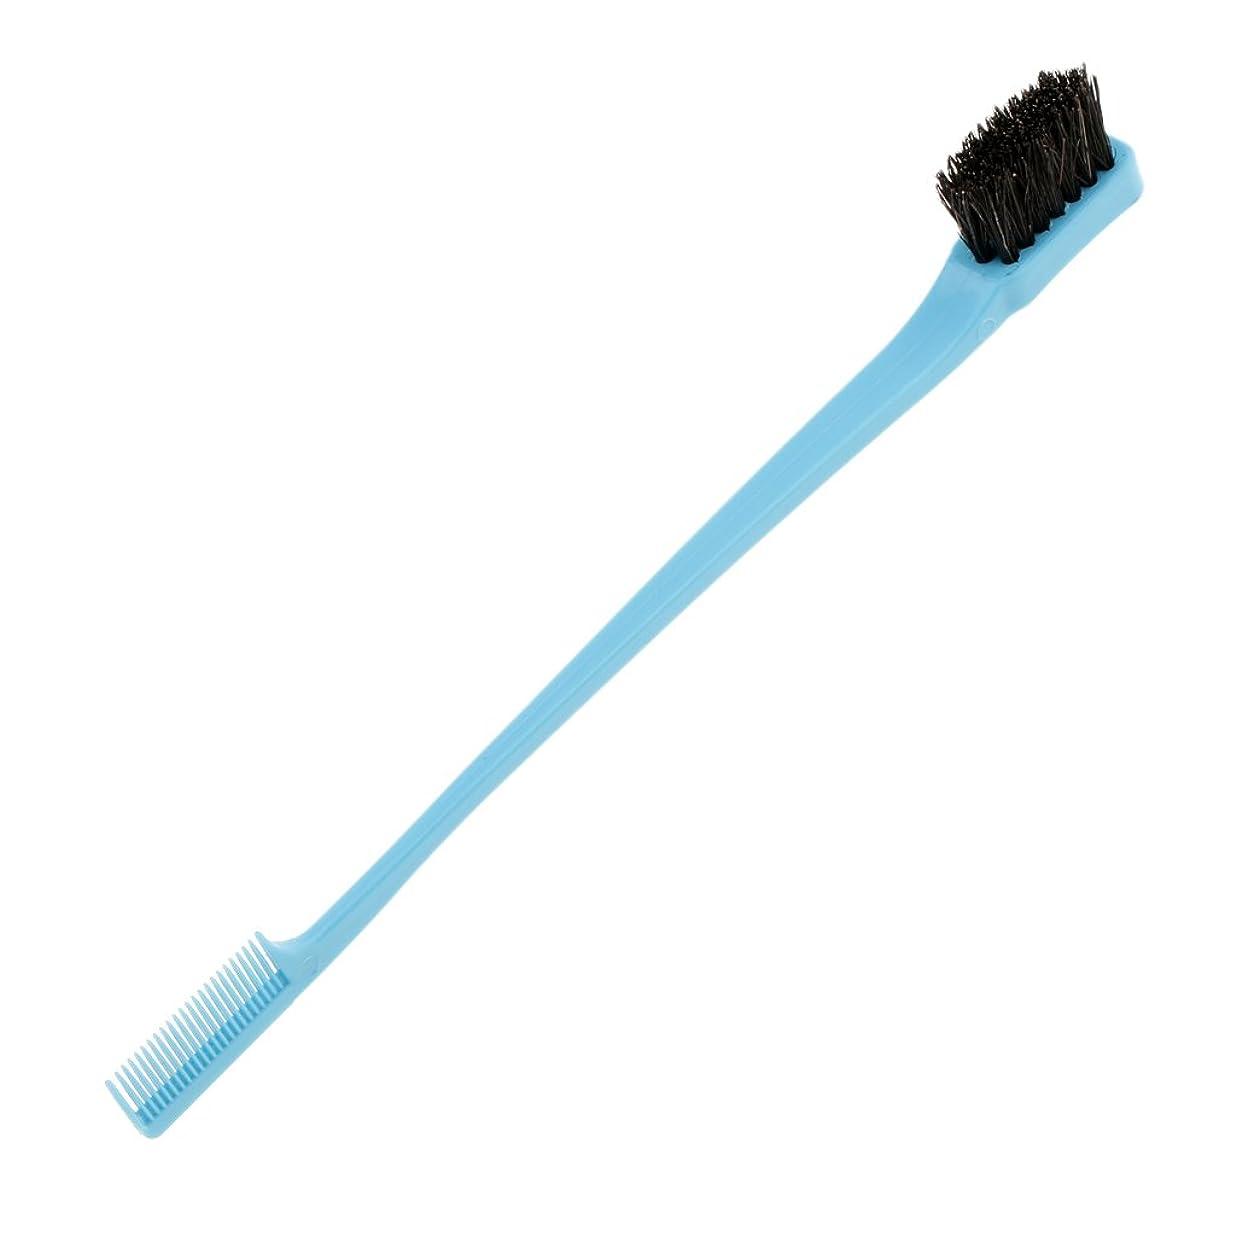 同性愛者欺めまいBlesiya ヘアブラシ ヘアコーム 両端使え 櫛 プラスチック製 ひげ口髭 ラインひげ整え ヘアースタイリング エッジ削り 便利 7インチ 4色選べる - 青